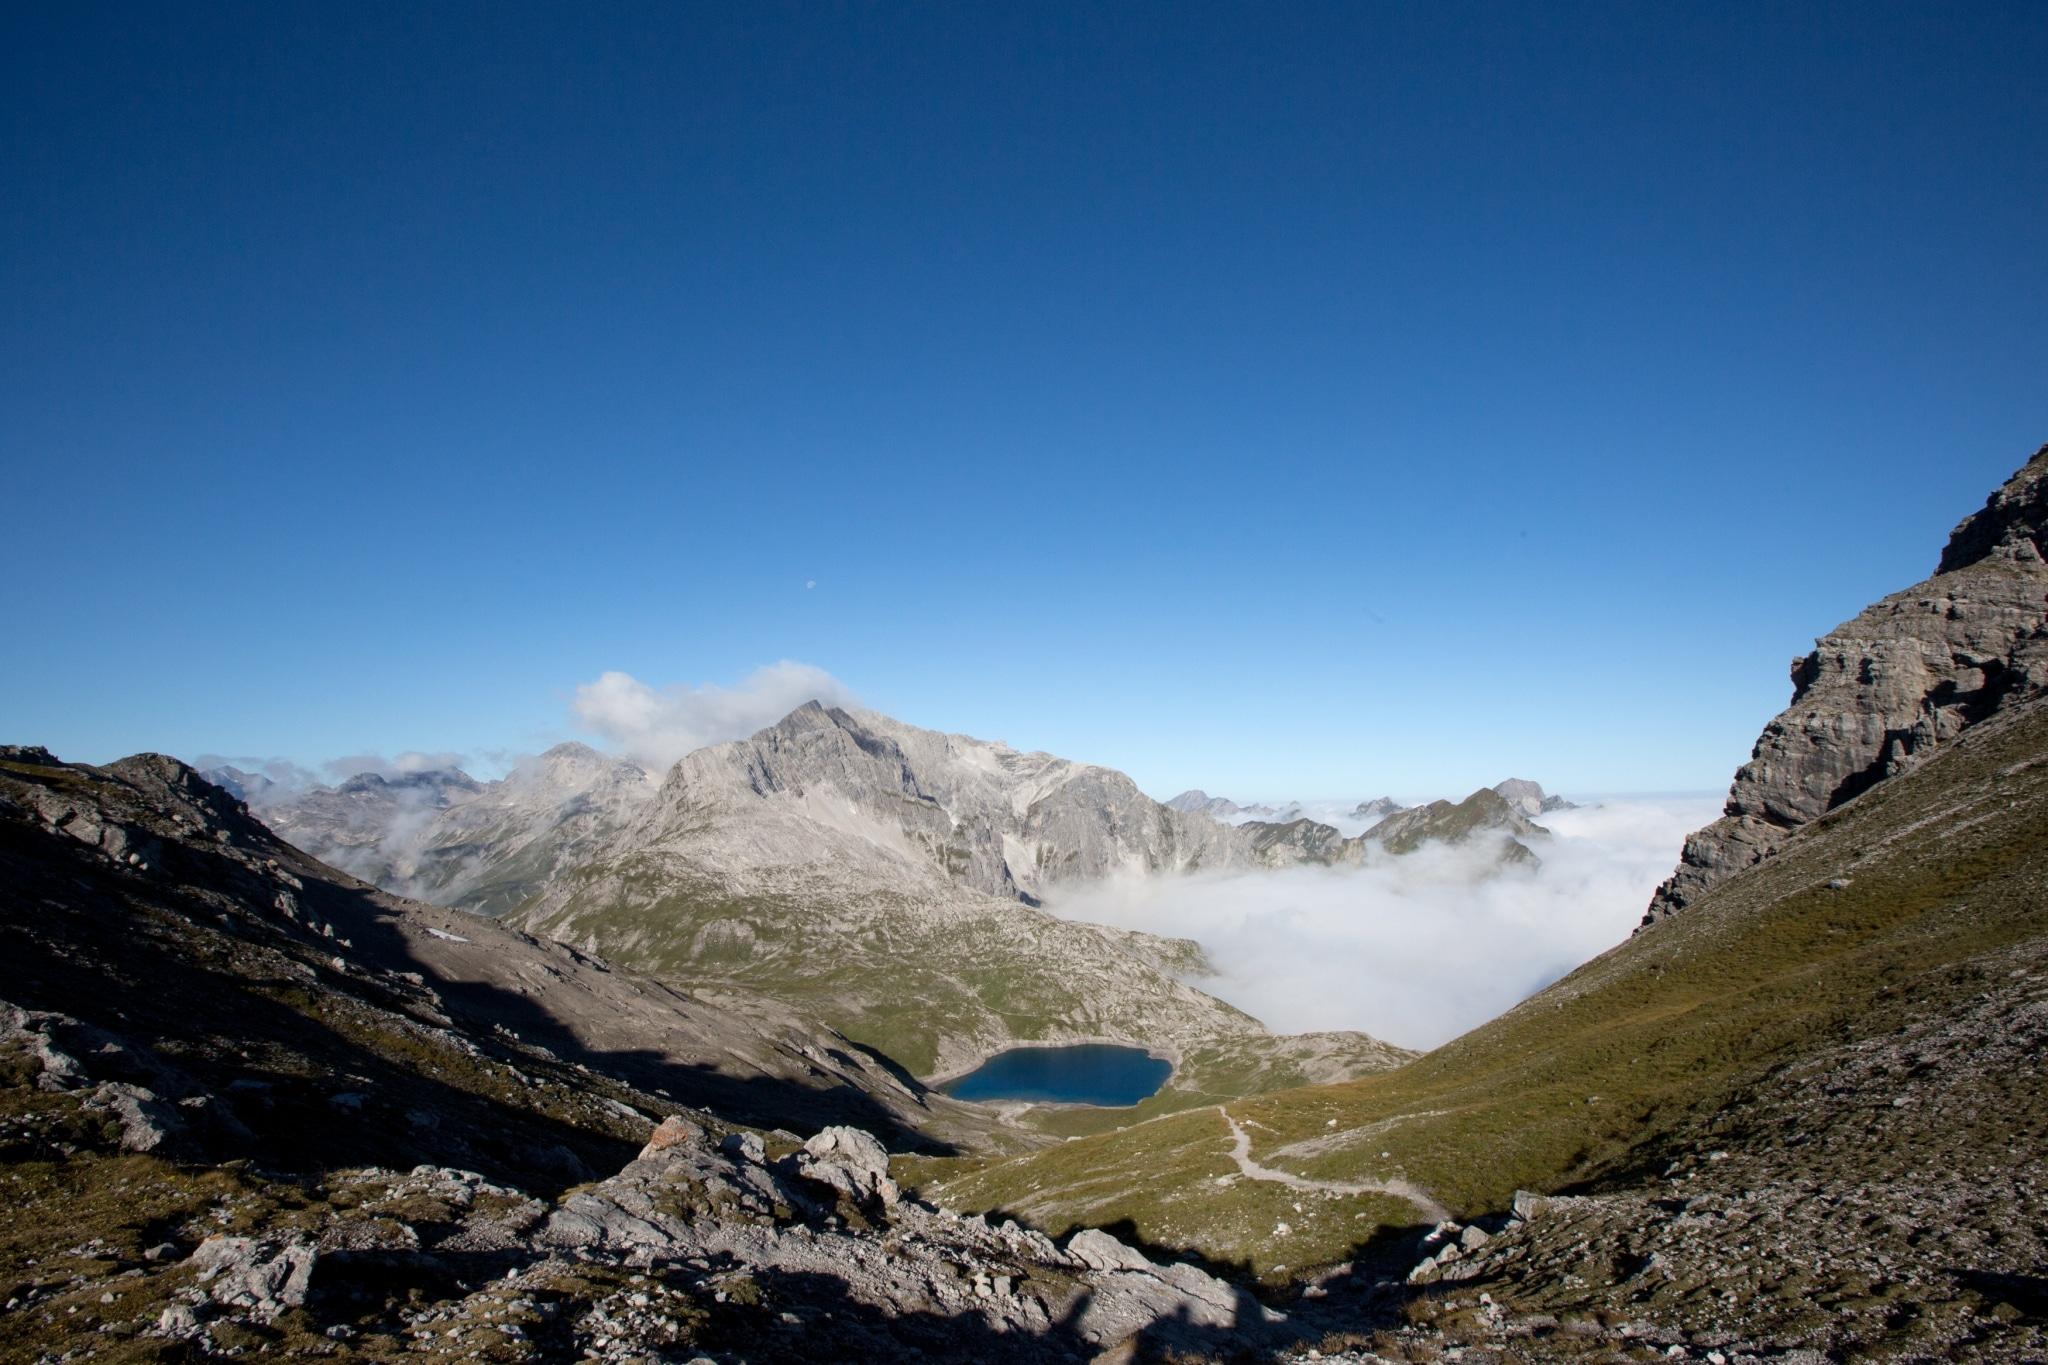 Leuchtend bunte Wälder, wärmendes Sonnenlicht und Fernsicht vom Feinsten: Der goldene Herbst ist die wohl schönste Jahreszeit zum Wandern am Arlberg.